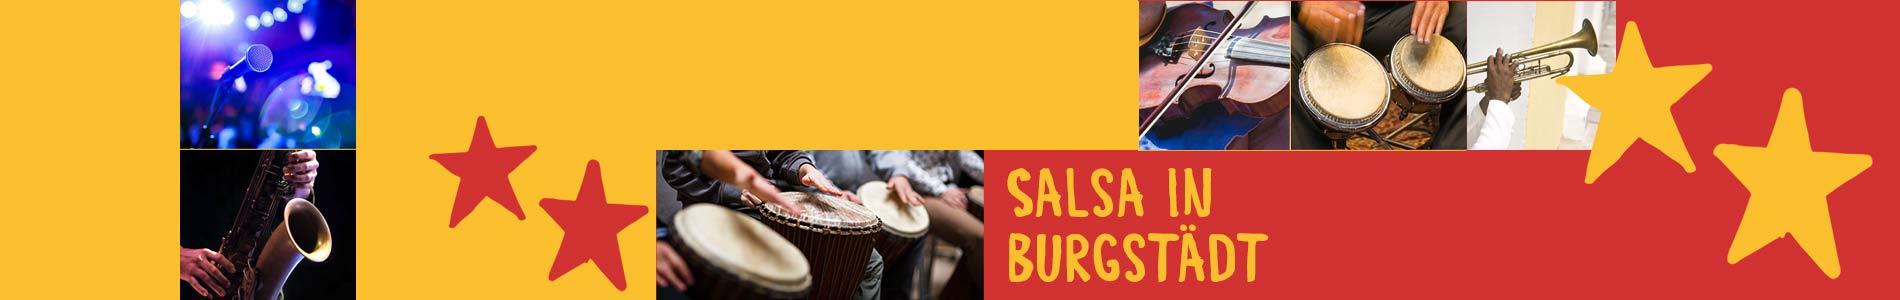 Salsa in Burgstädt – Salsa lernen und tanzen, Tanzkurse, Partys, Veranstaltungen